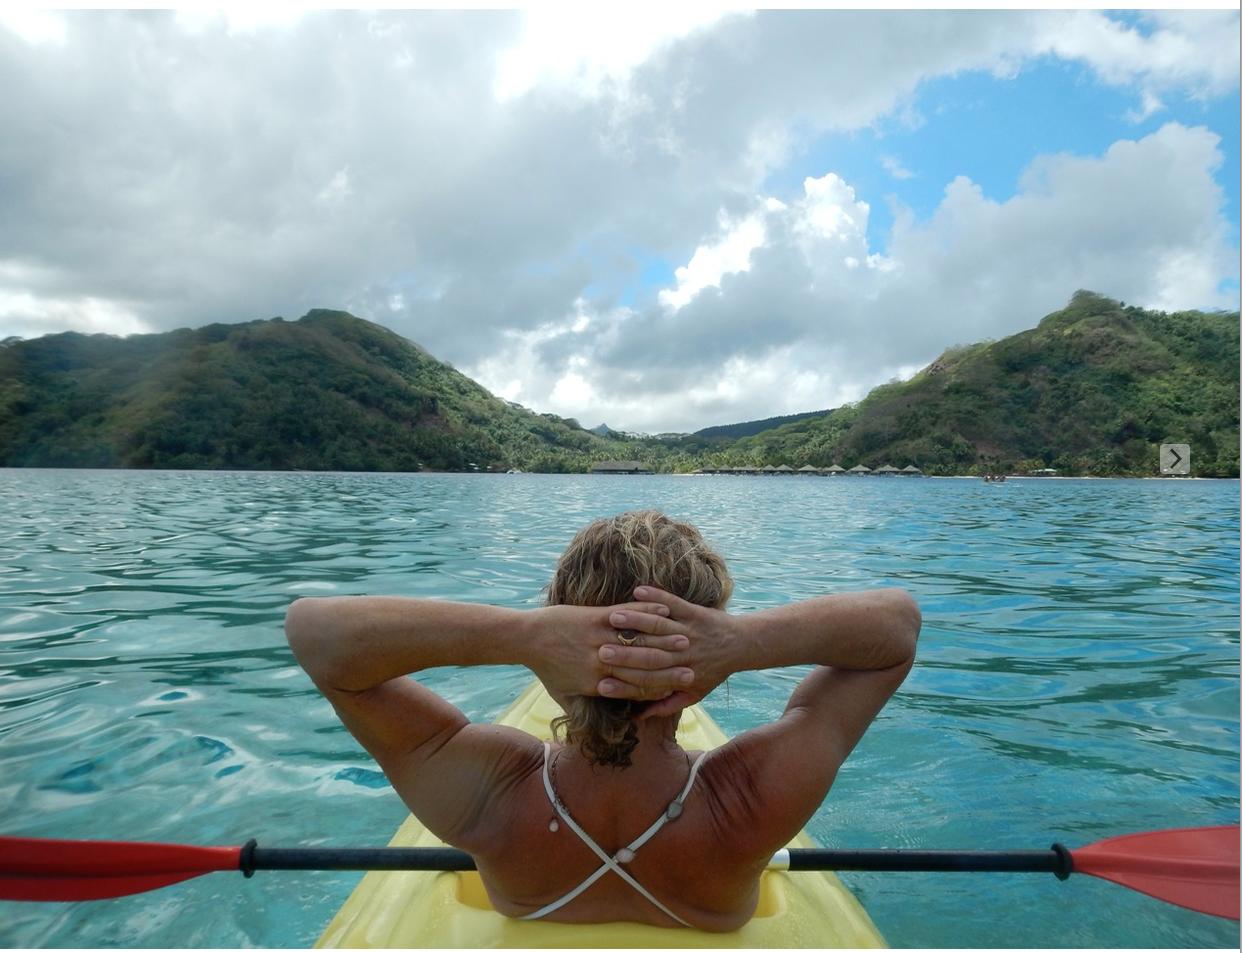 Claudia tahiti kayak profile.png